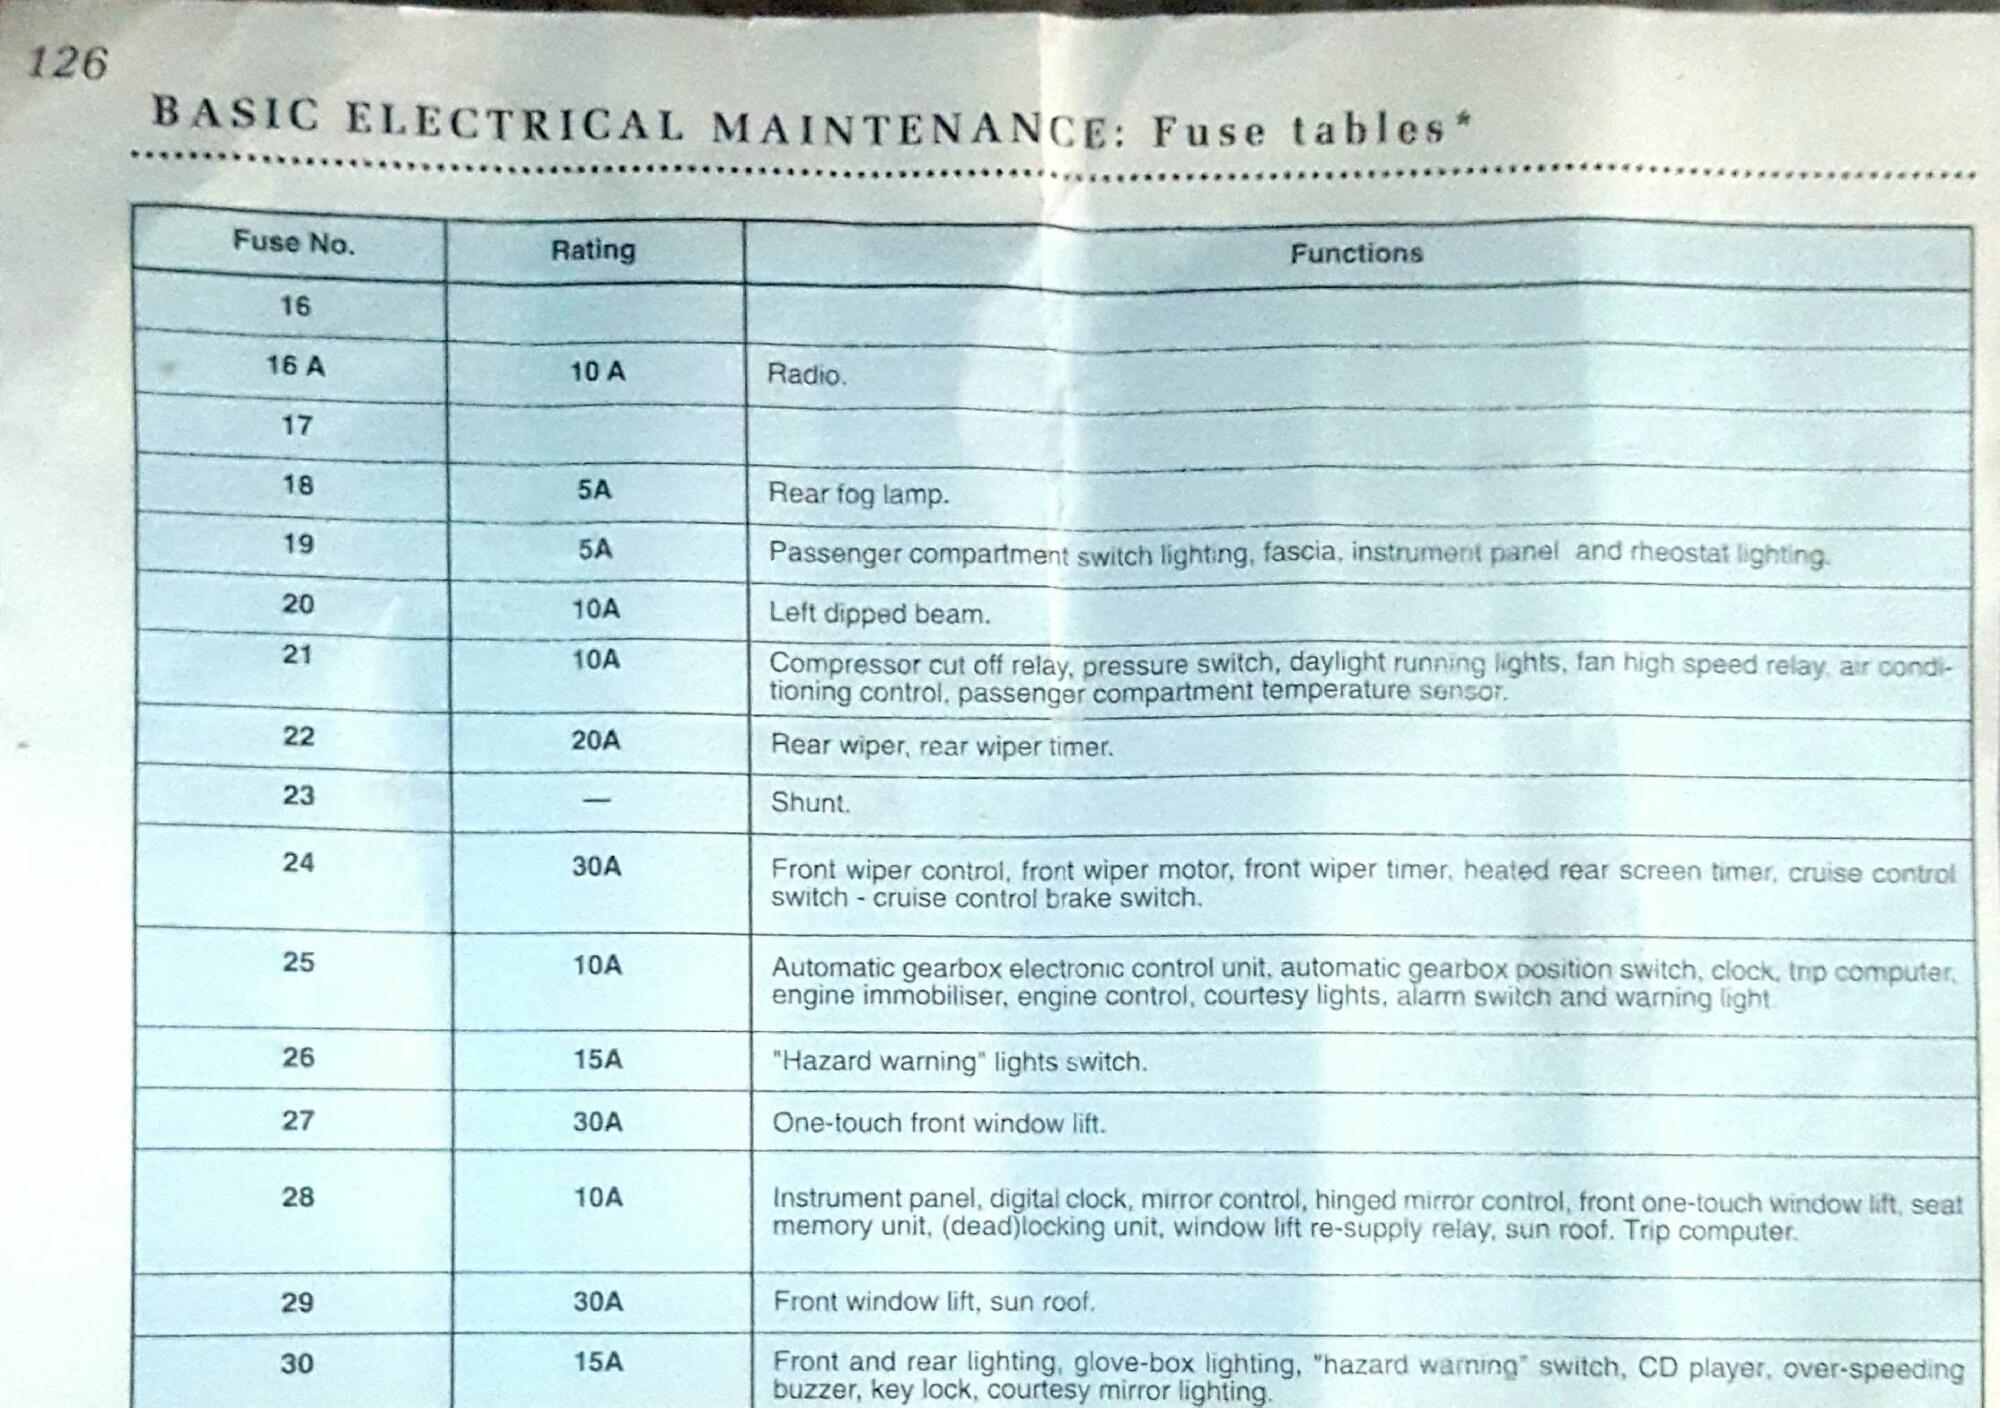 [WRG-7799] Peugeot 307 Fuse Box Manual